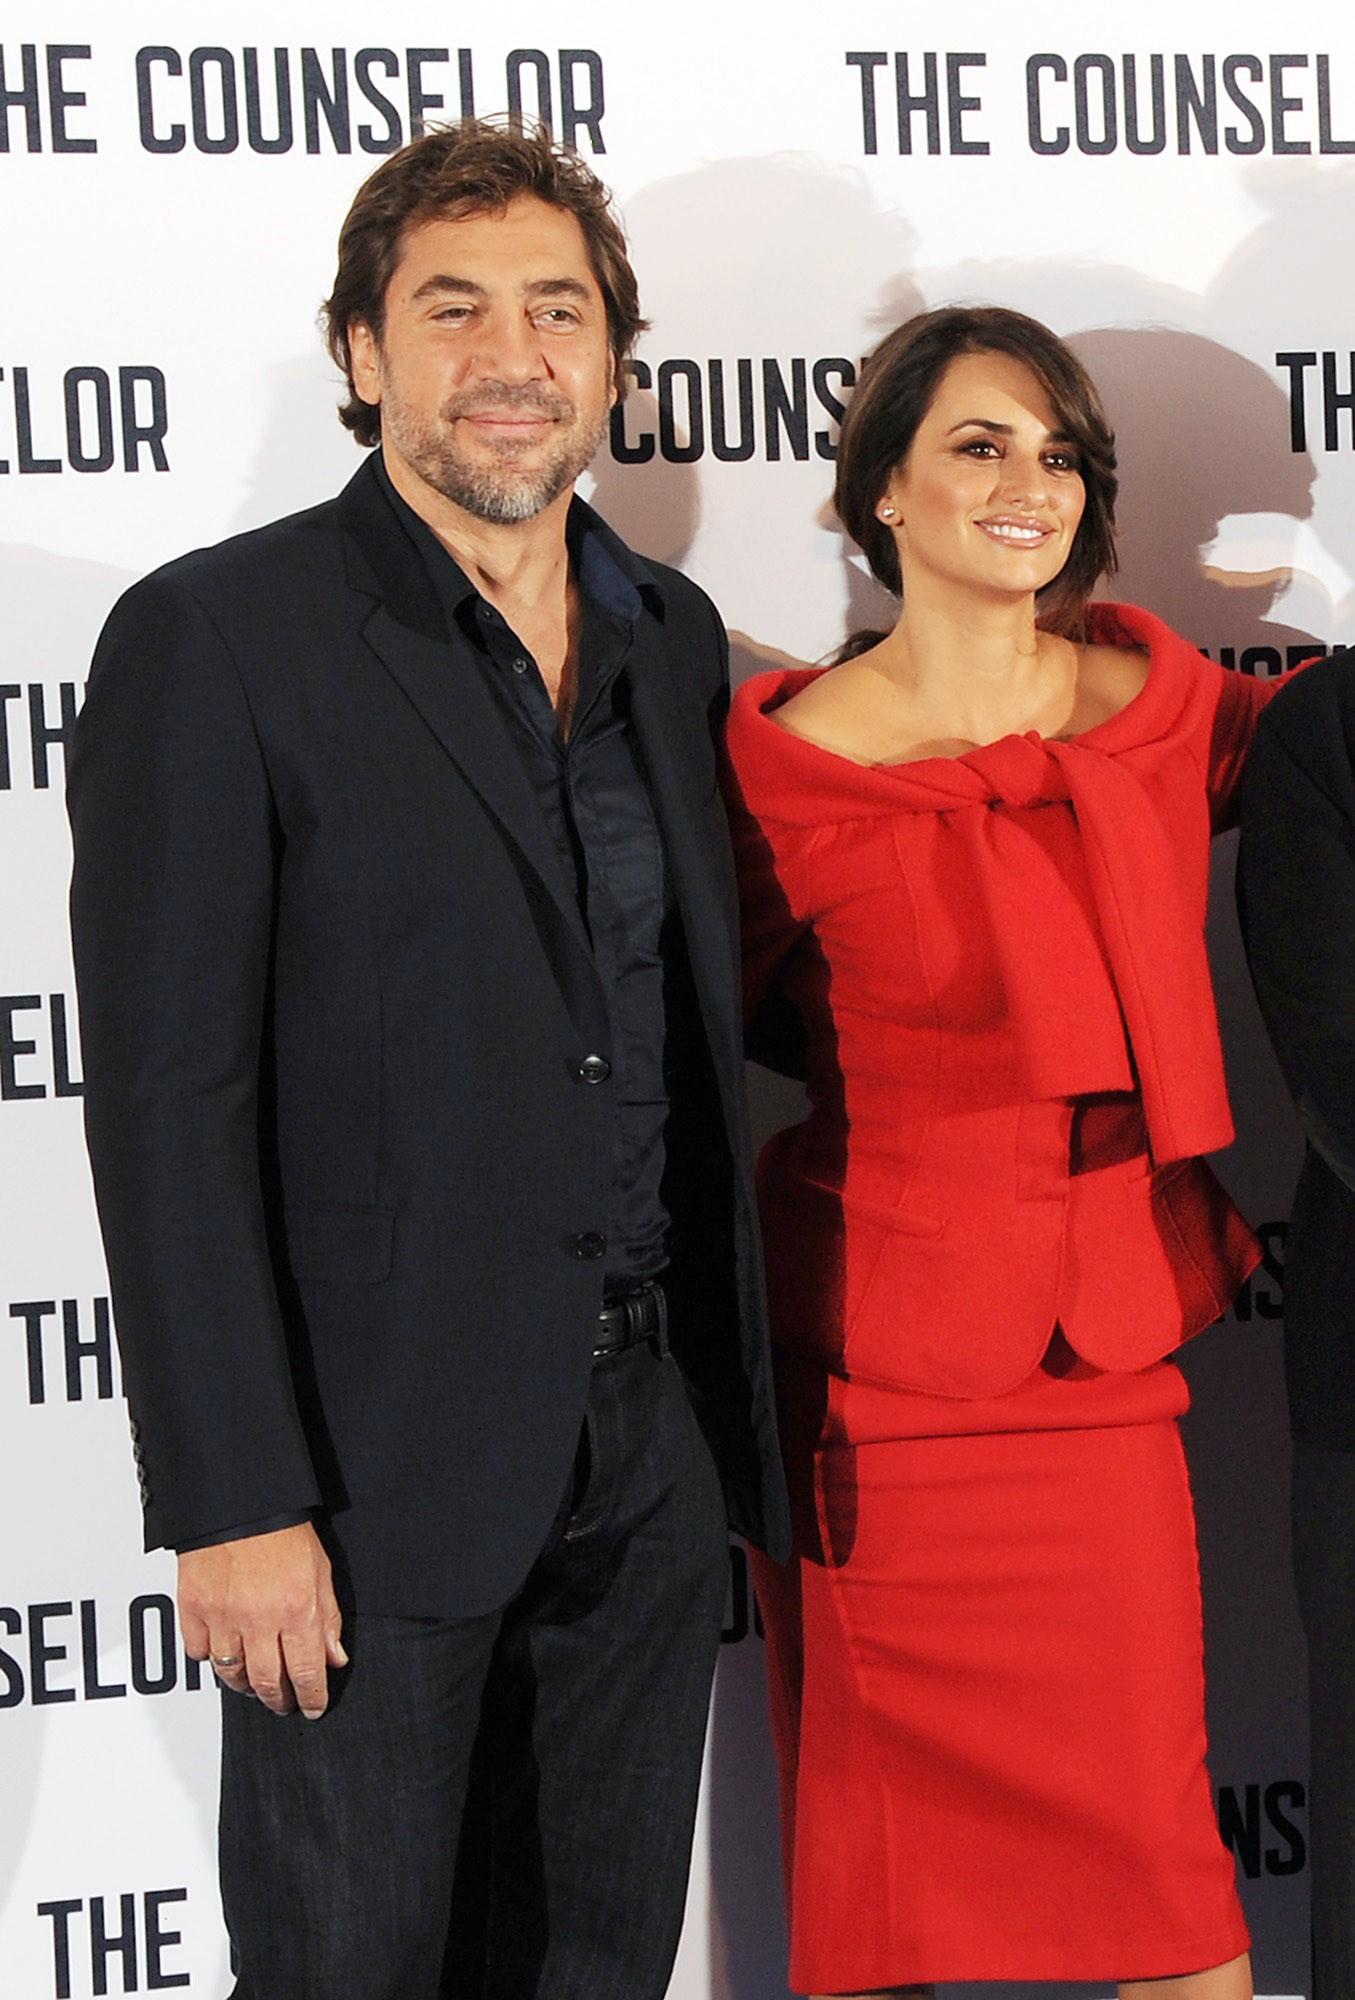 Penélope Cruz e Javier Bardem casaram-se em Julho de 2010 na casa de um amigo nas Bahamas. O vestido da atriz foi feito pelo estilista John Galliano. (Foto: Getty Images)